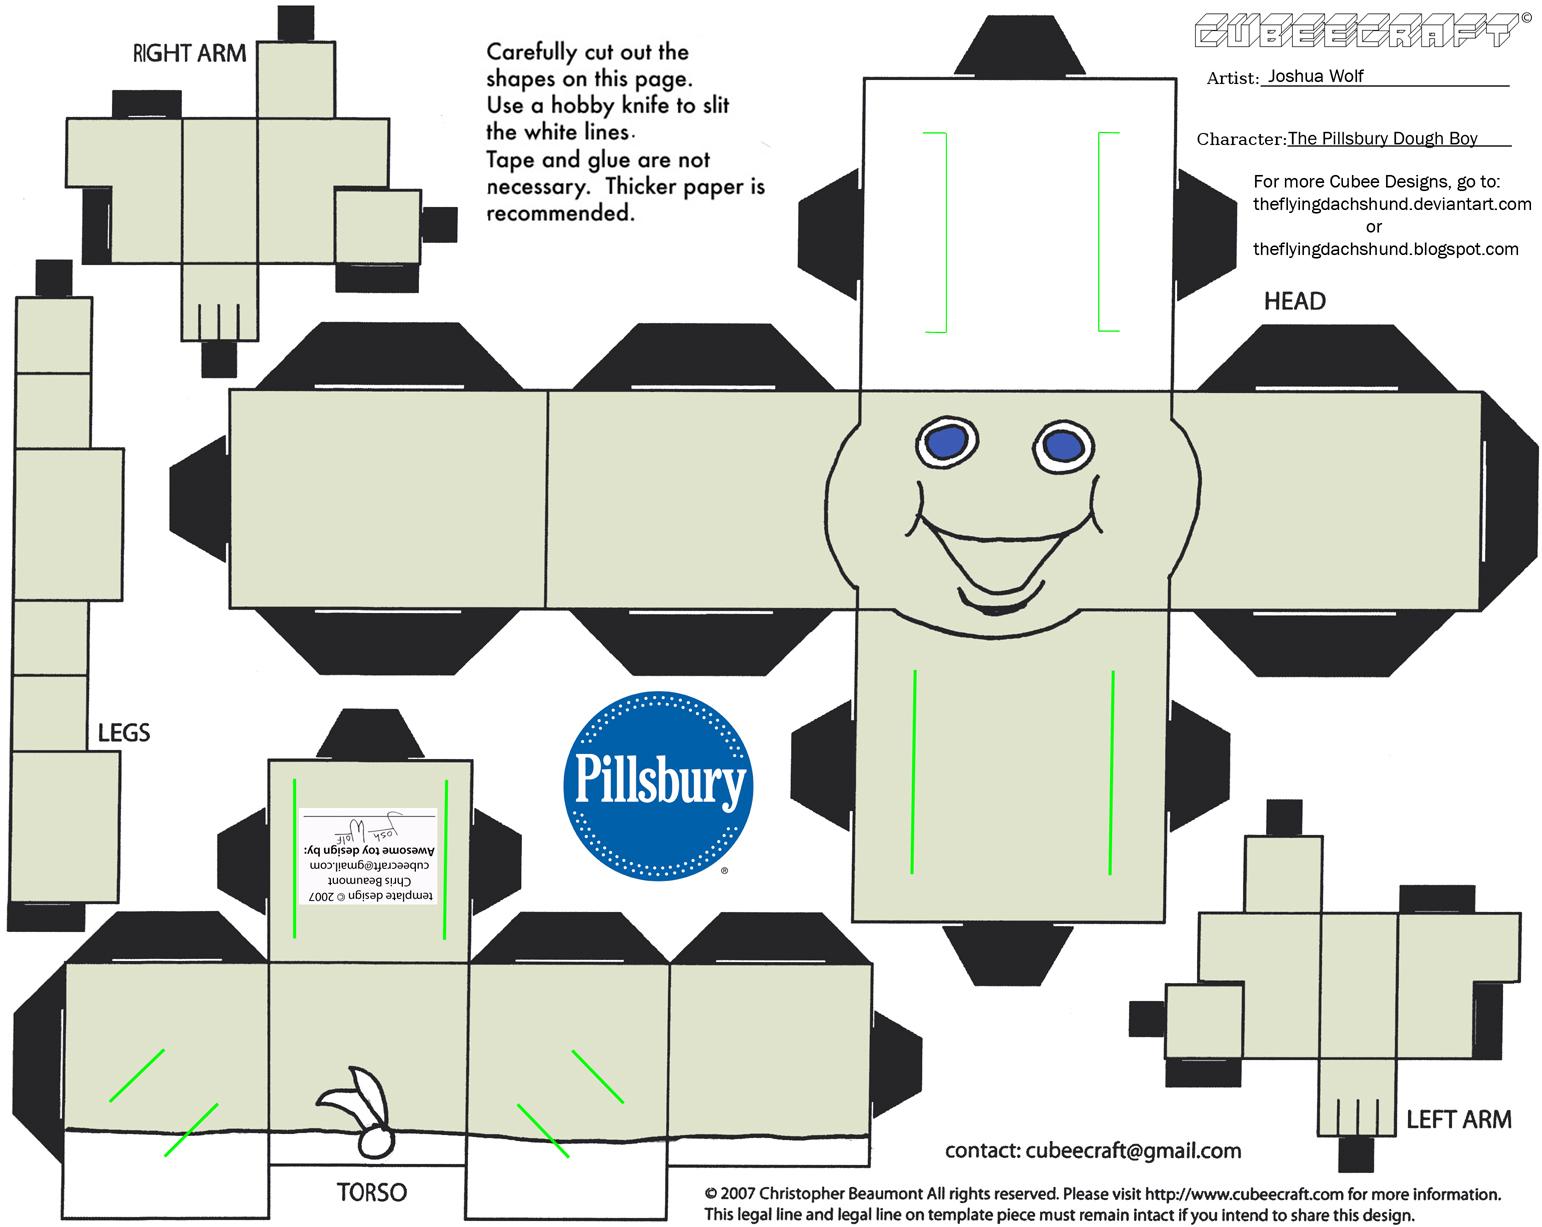 ADV CH 2 Pillsbury Doughboy Cubee by TheFlyingDachshund 1542x1227